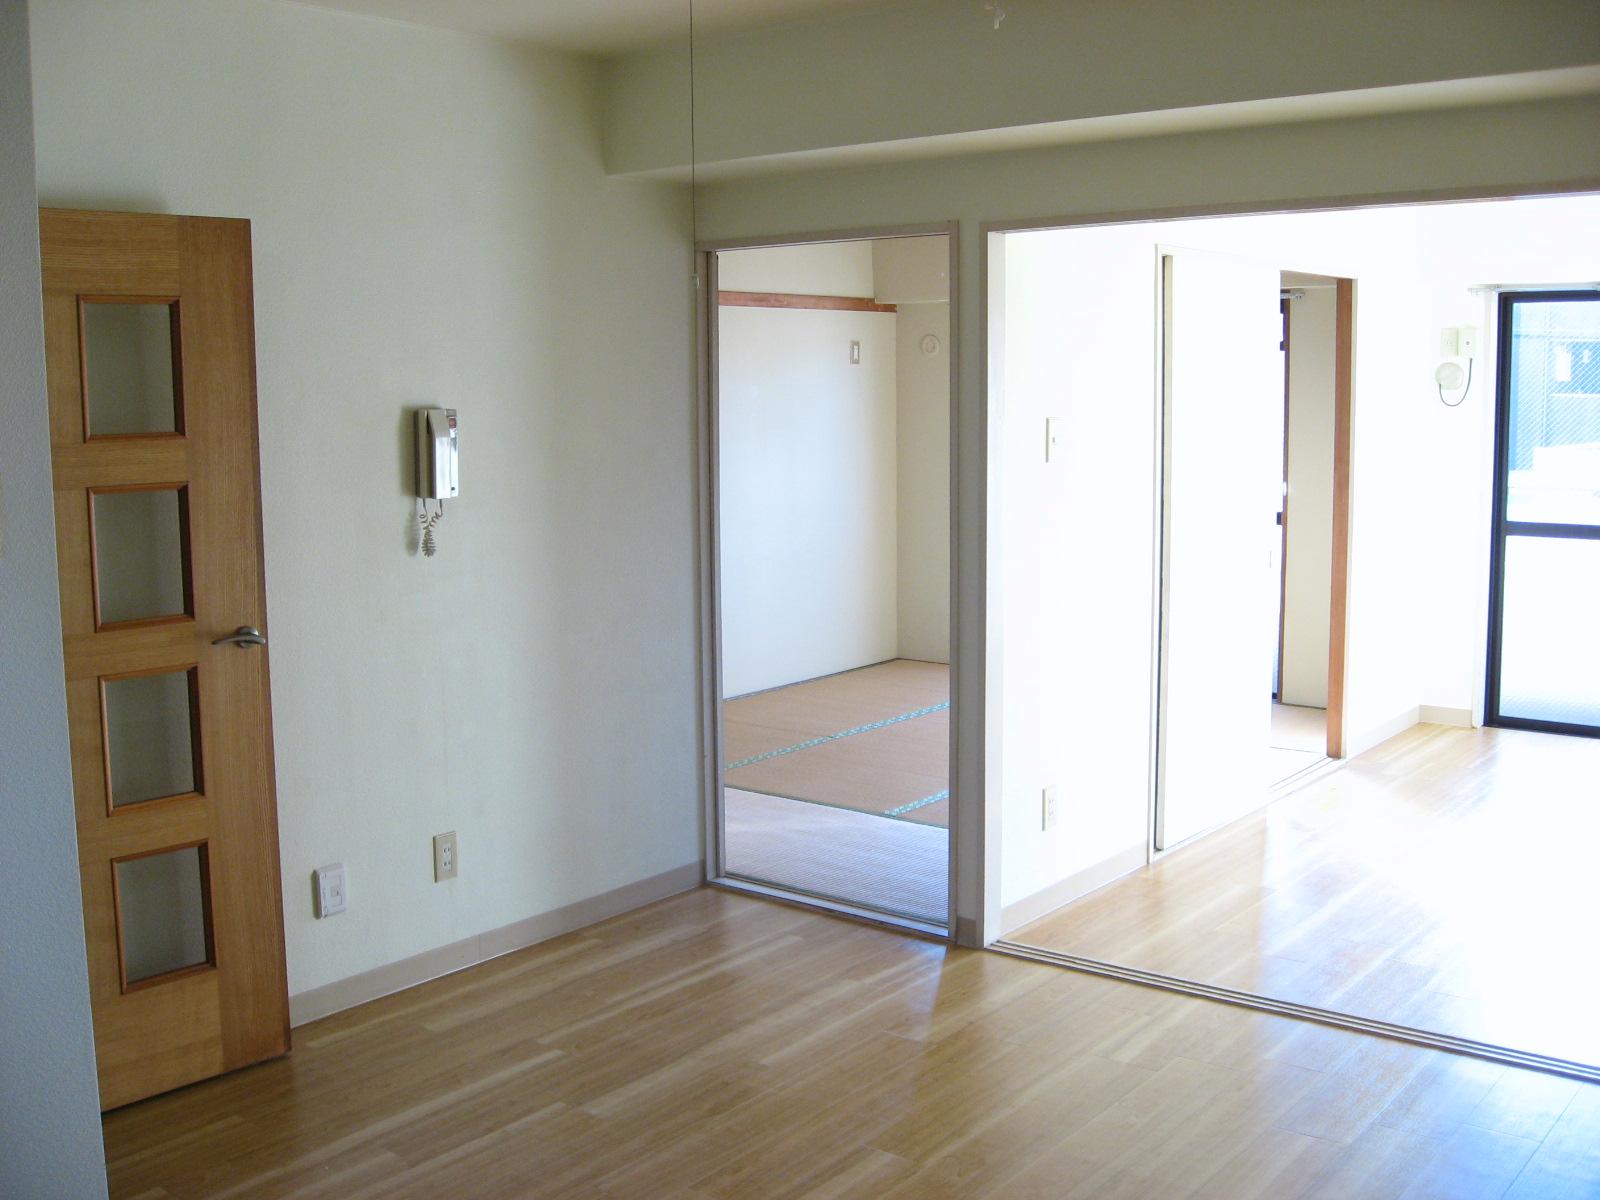 居室・リビング DKから続く明るい洋室・和室方向を望むと・・・。